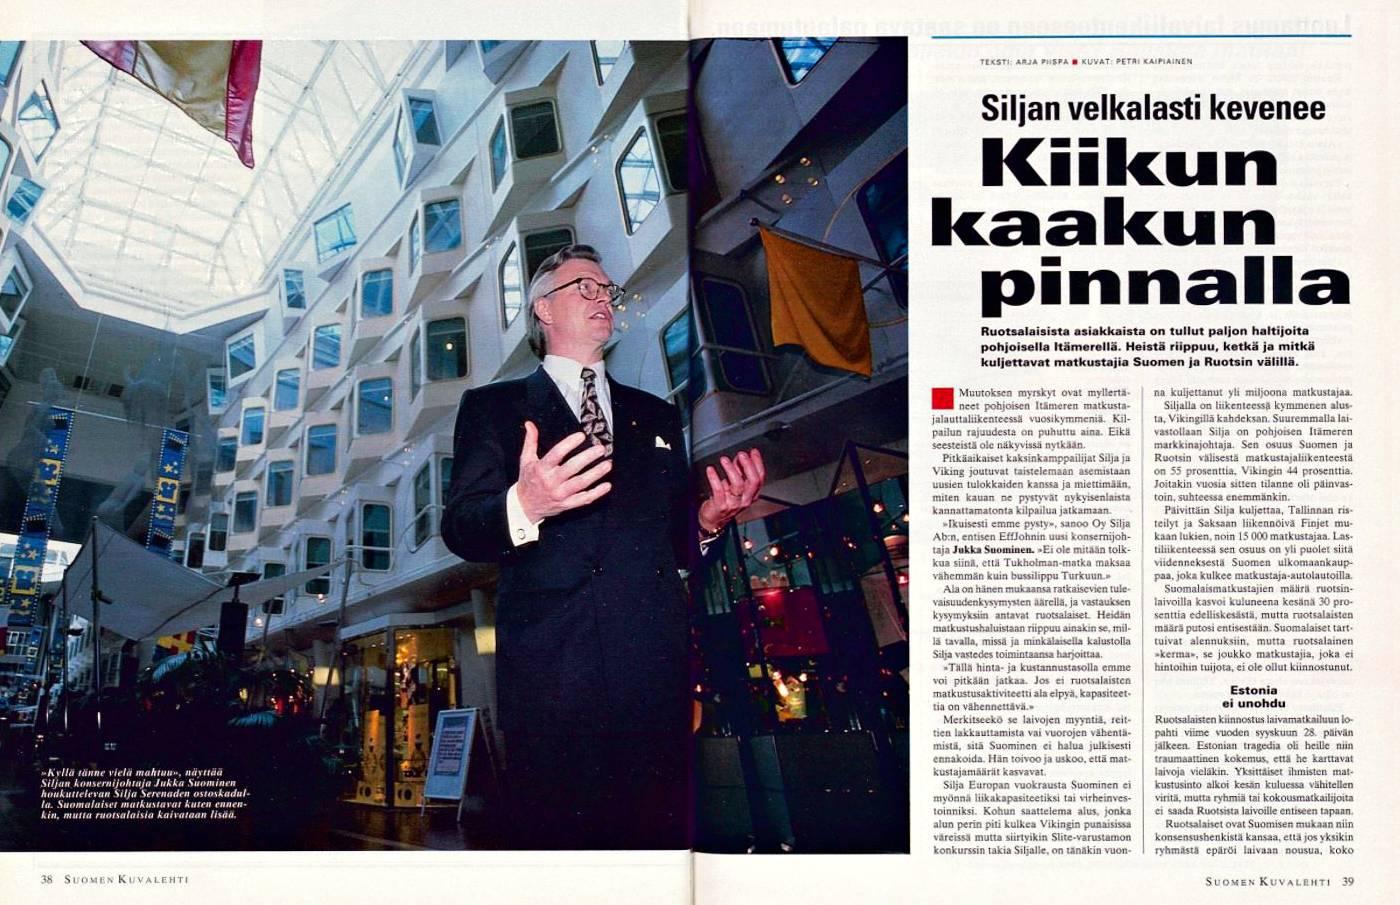 """SK 45/1995 (10.11.1995) Arja Piispa: """"Kiikun kaakun pinnalla"""". Kuva: Petri Kaipiainen."""